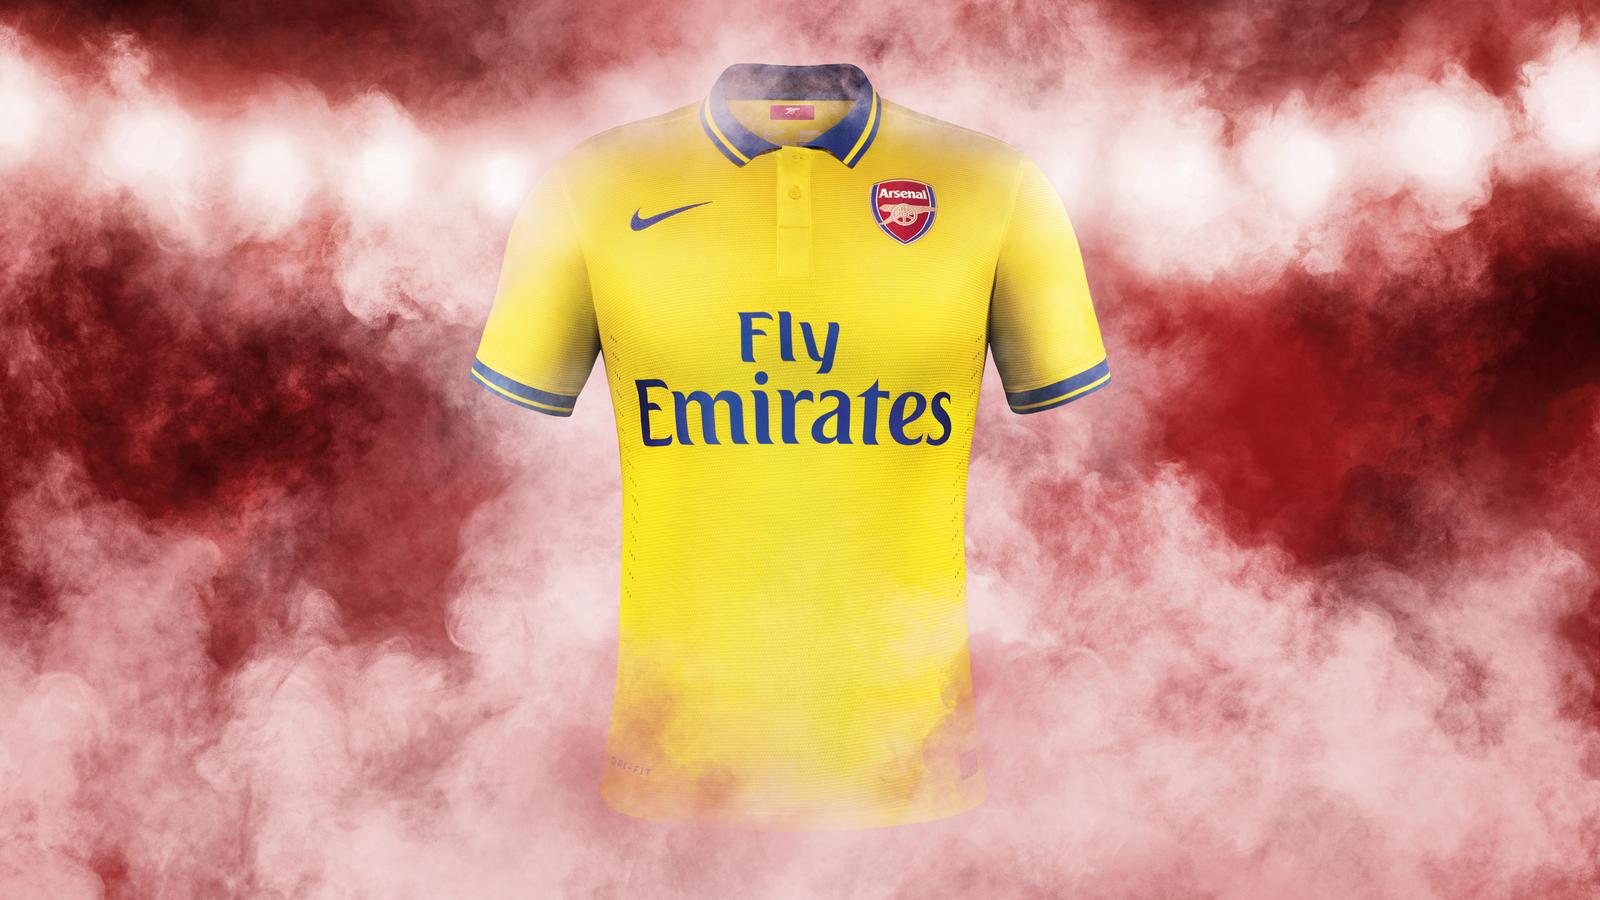 Arsenal Away Shirt 2013-14